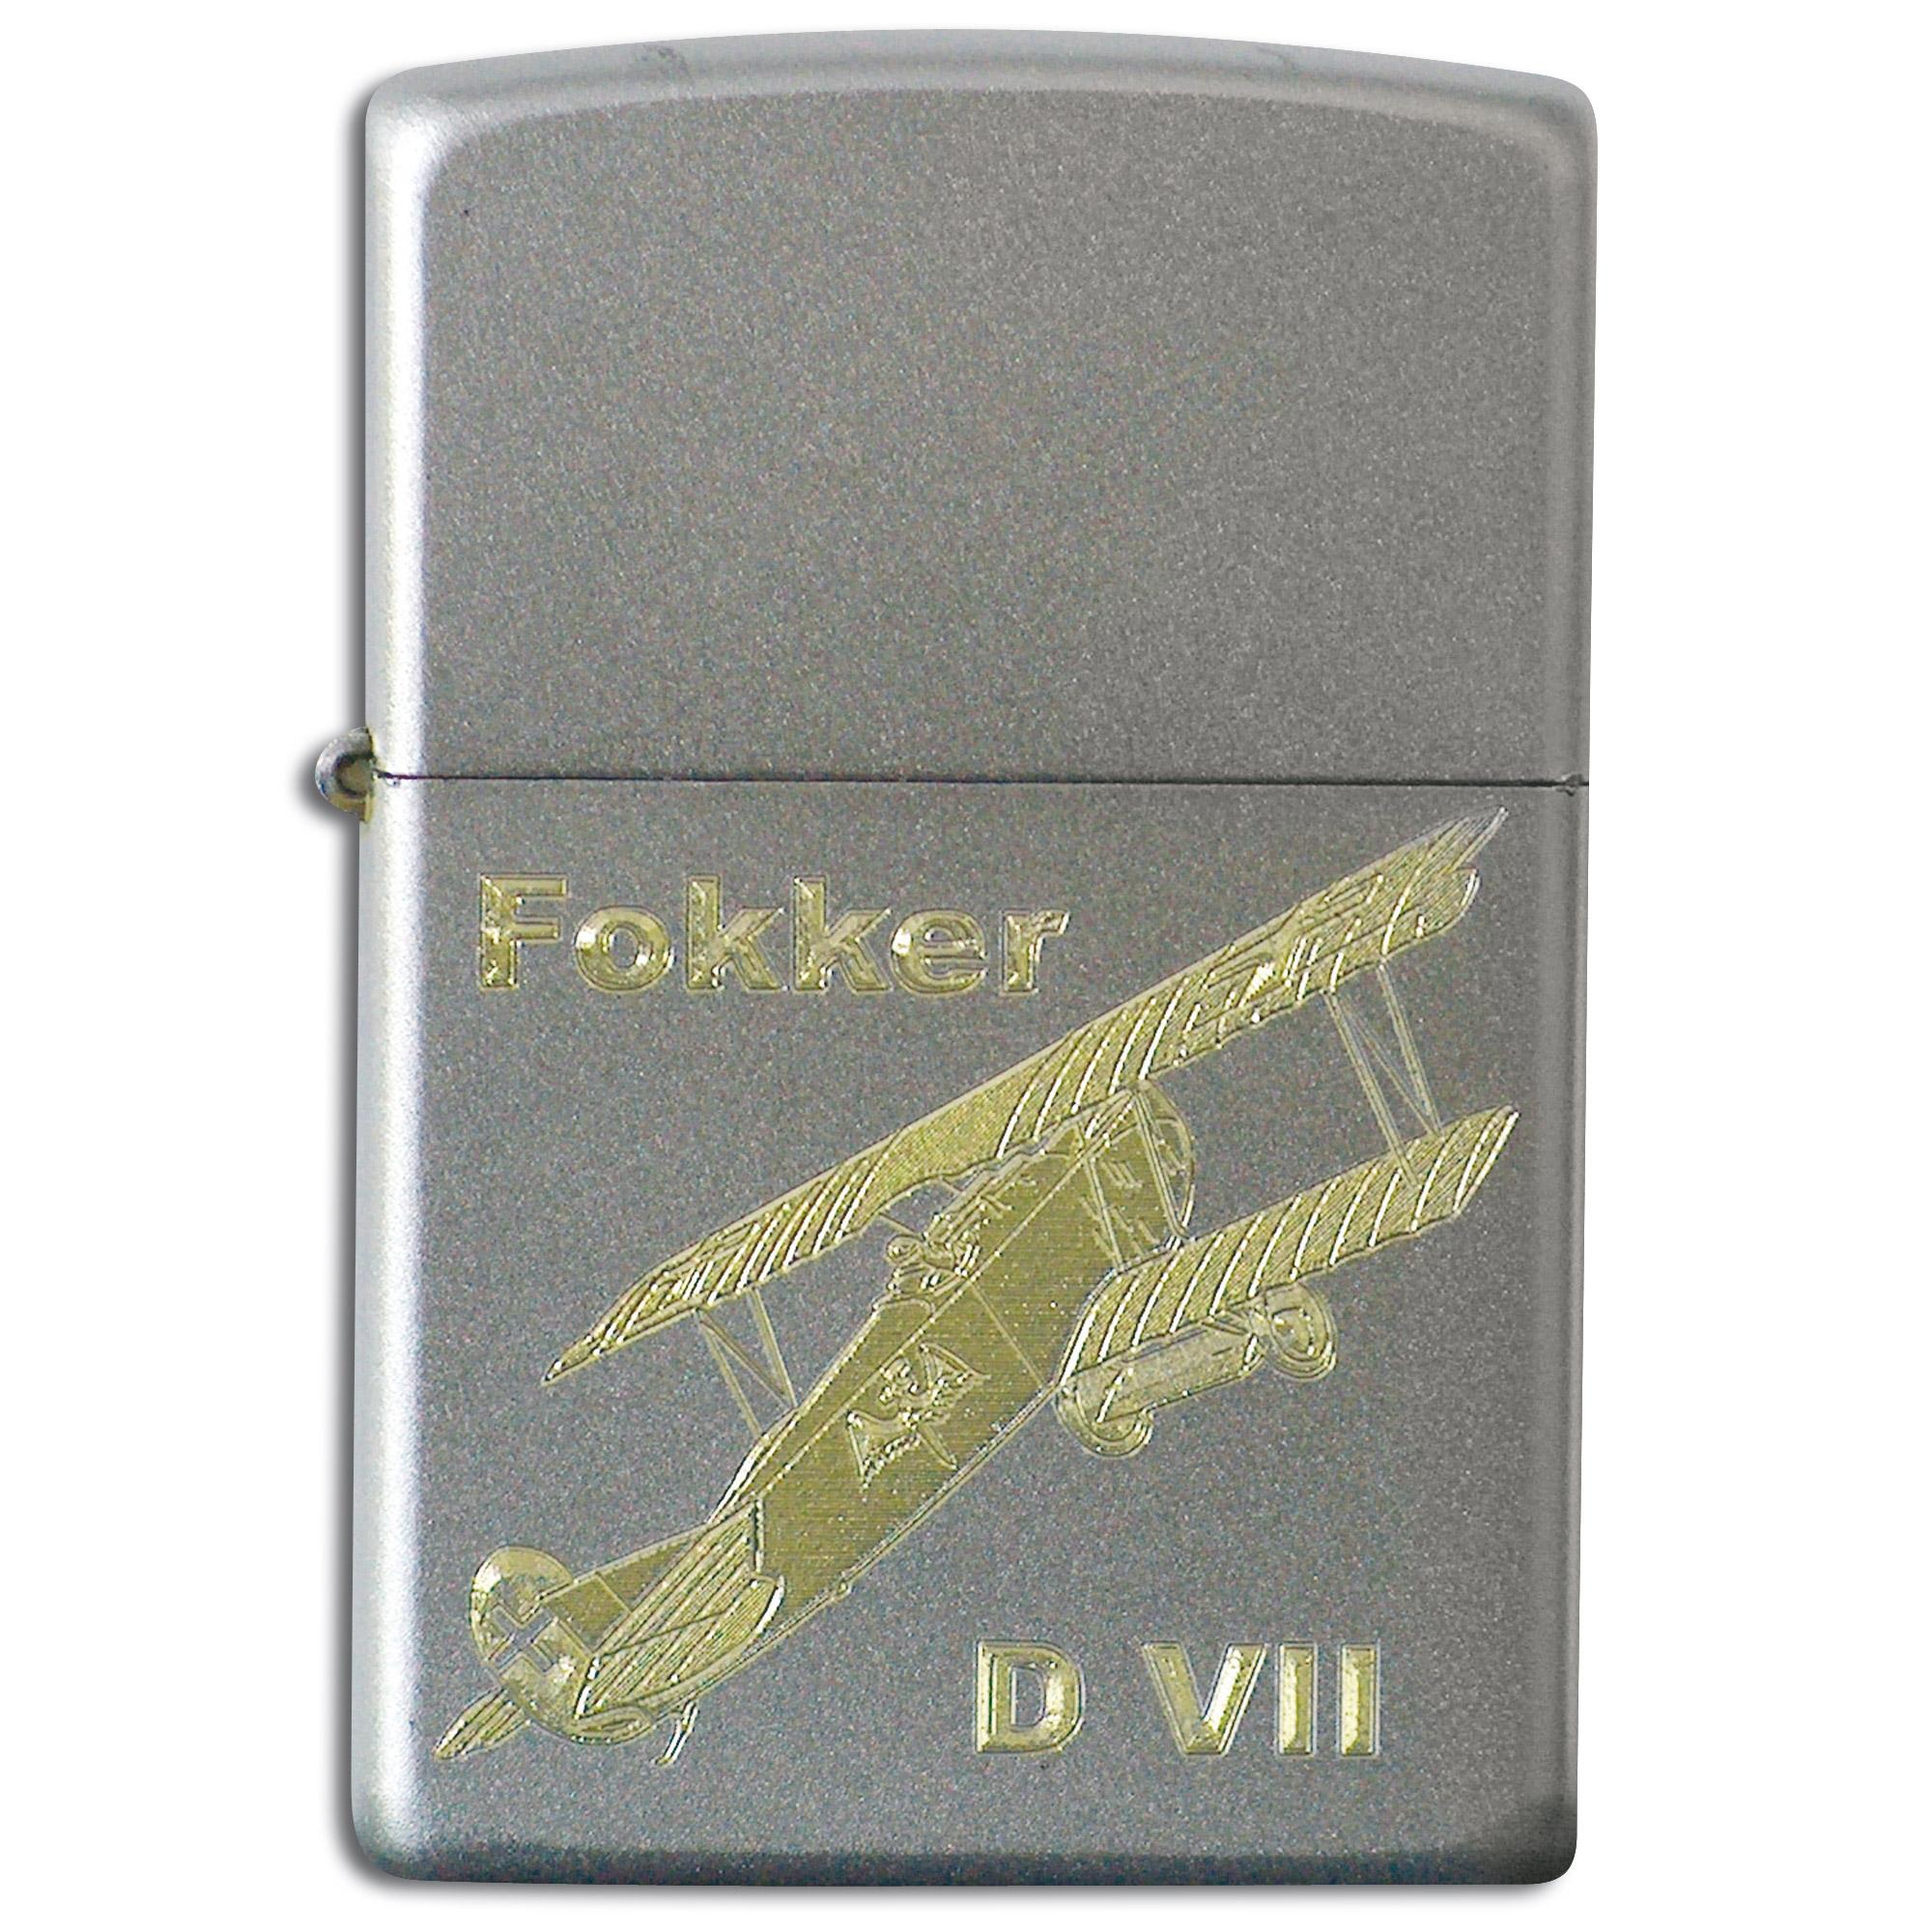 Accendino Zippo con incisione Fokker D VII